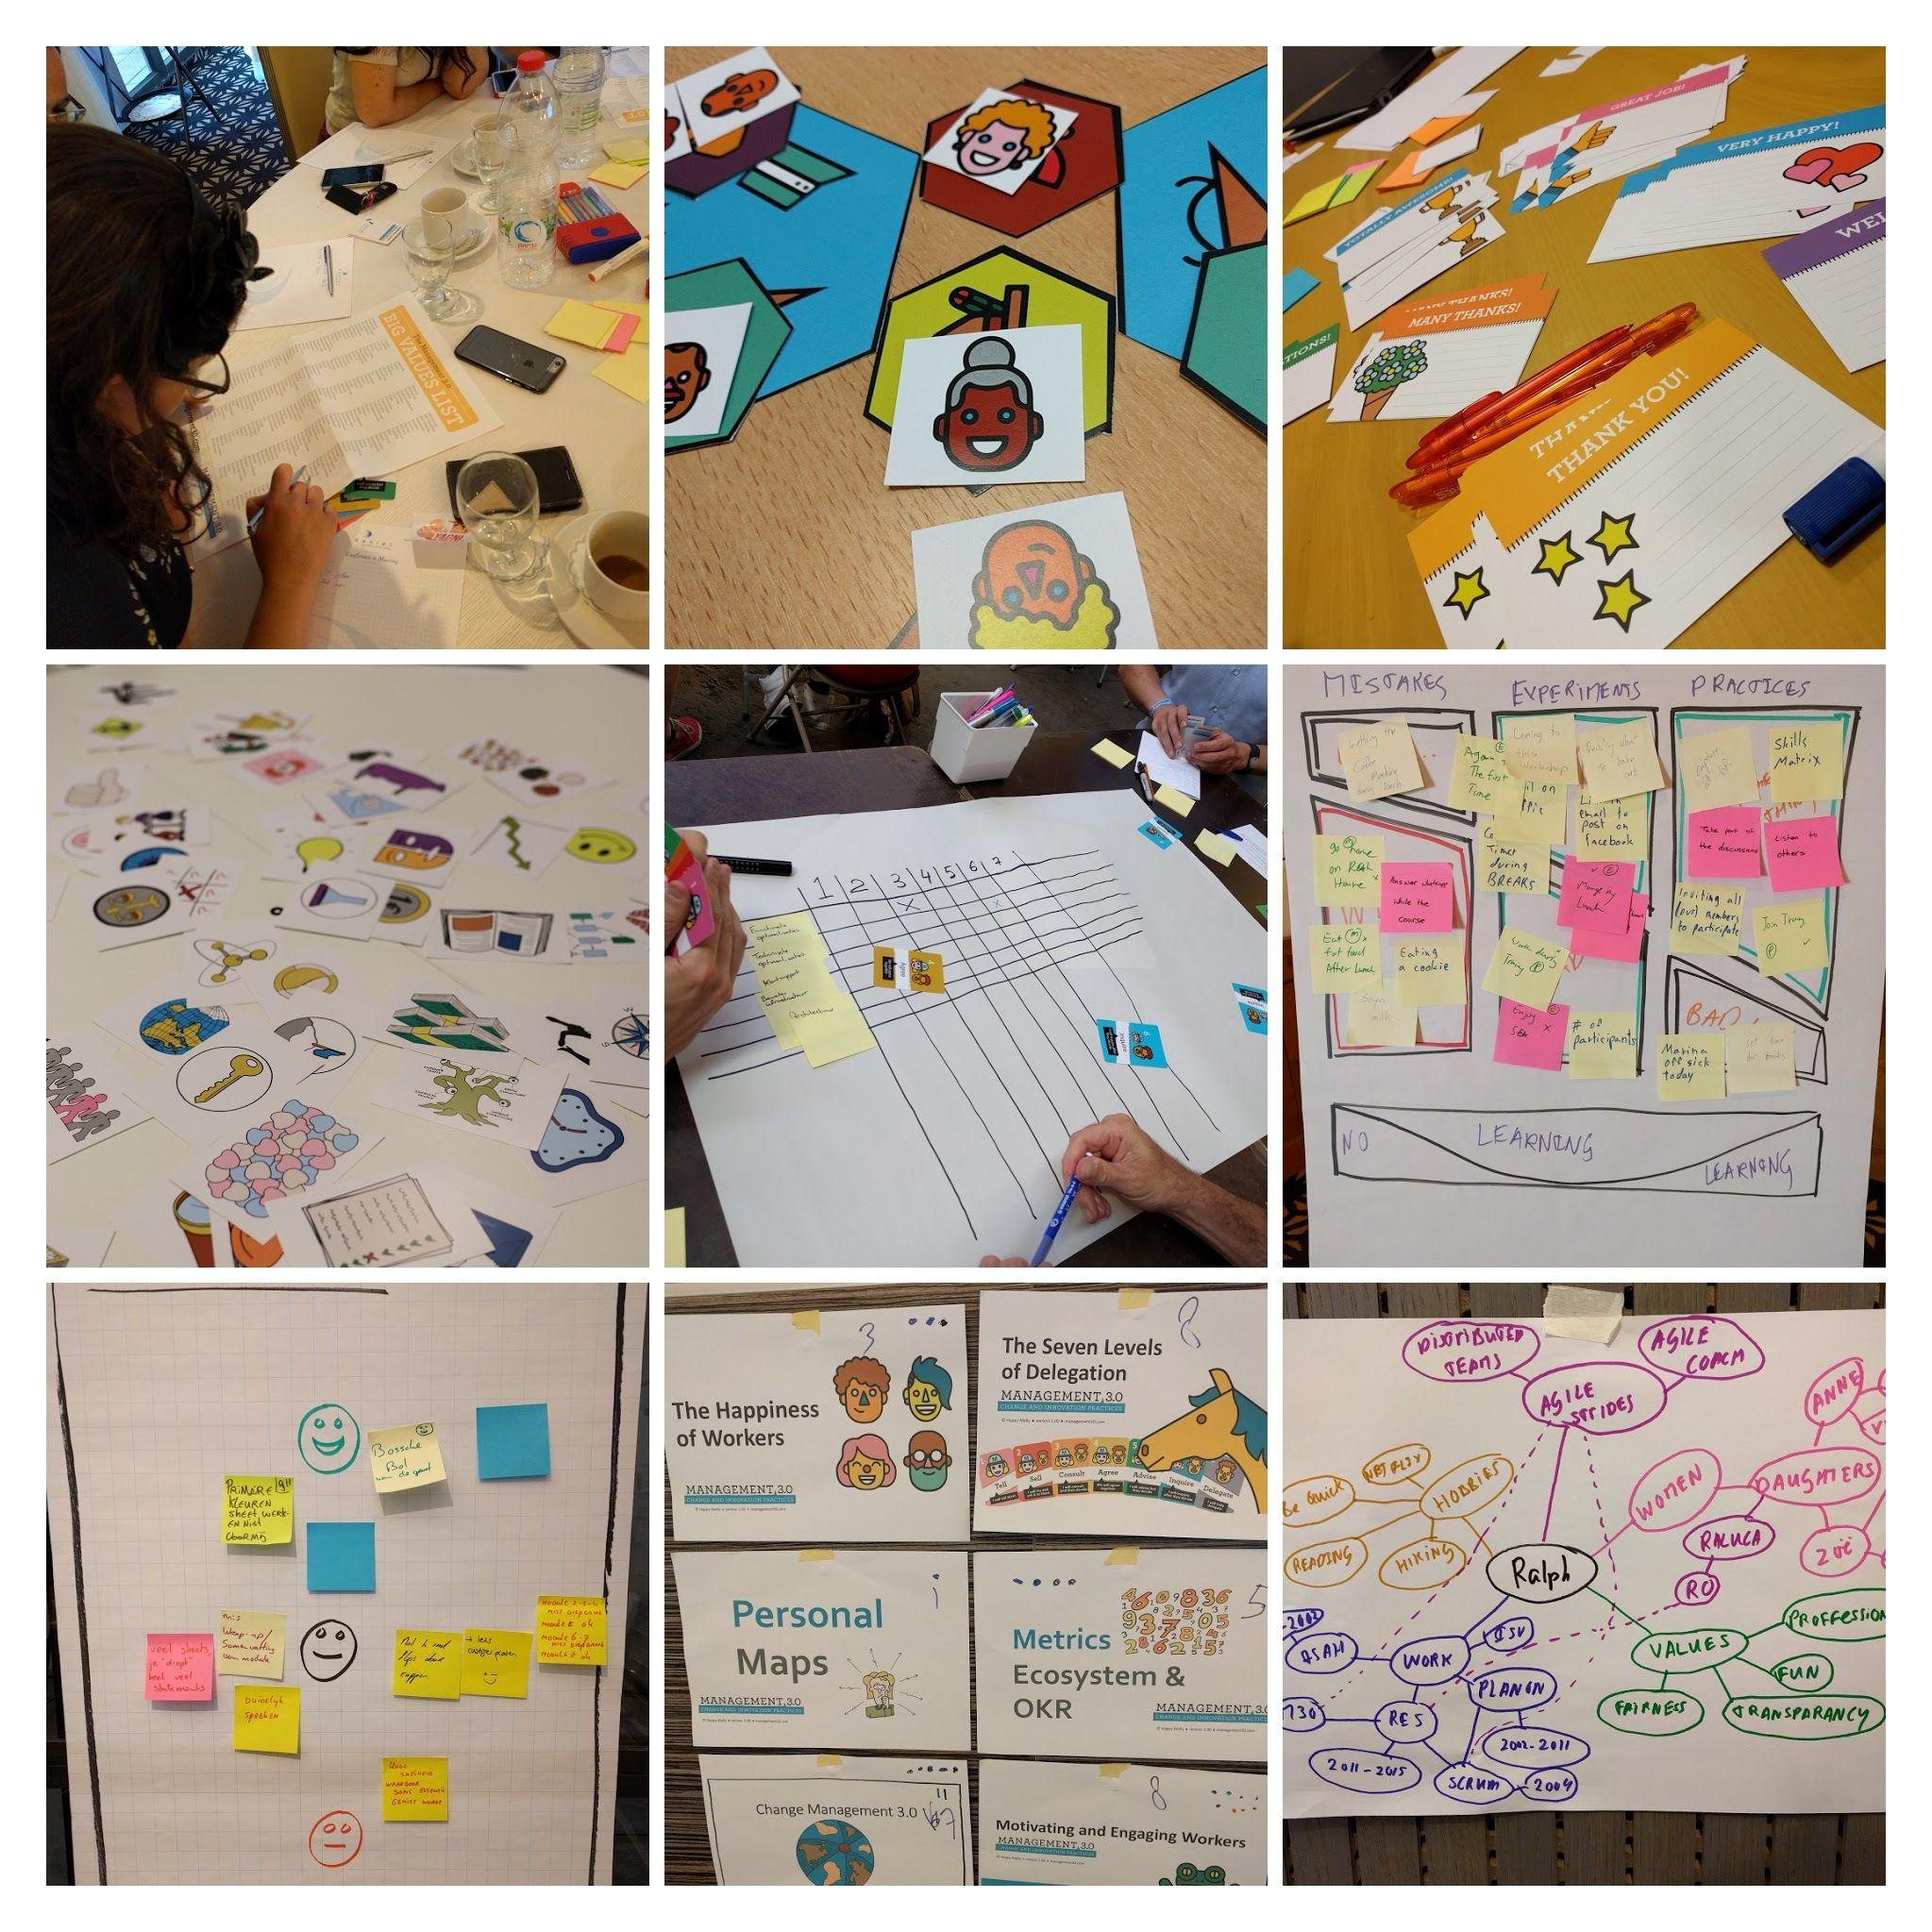 Management 3.0 Meetup The Netherlands